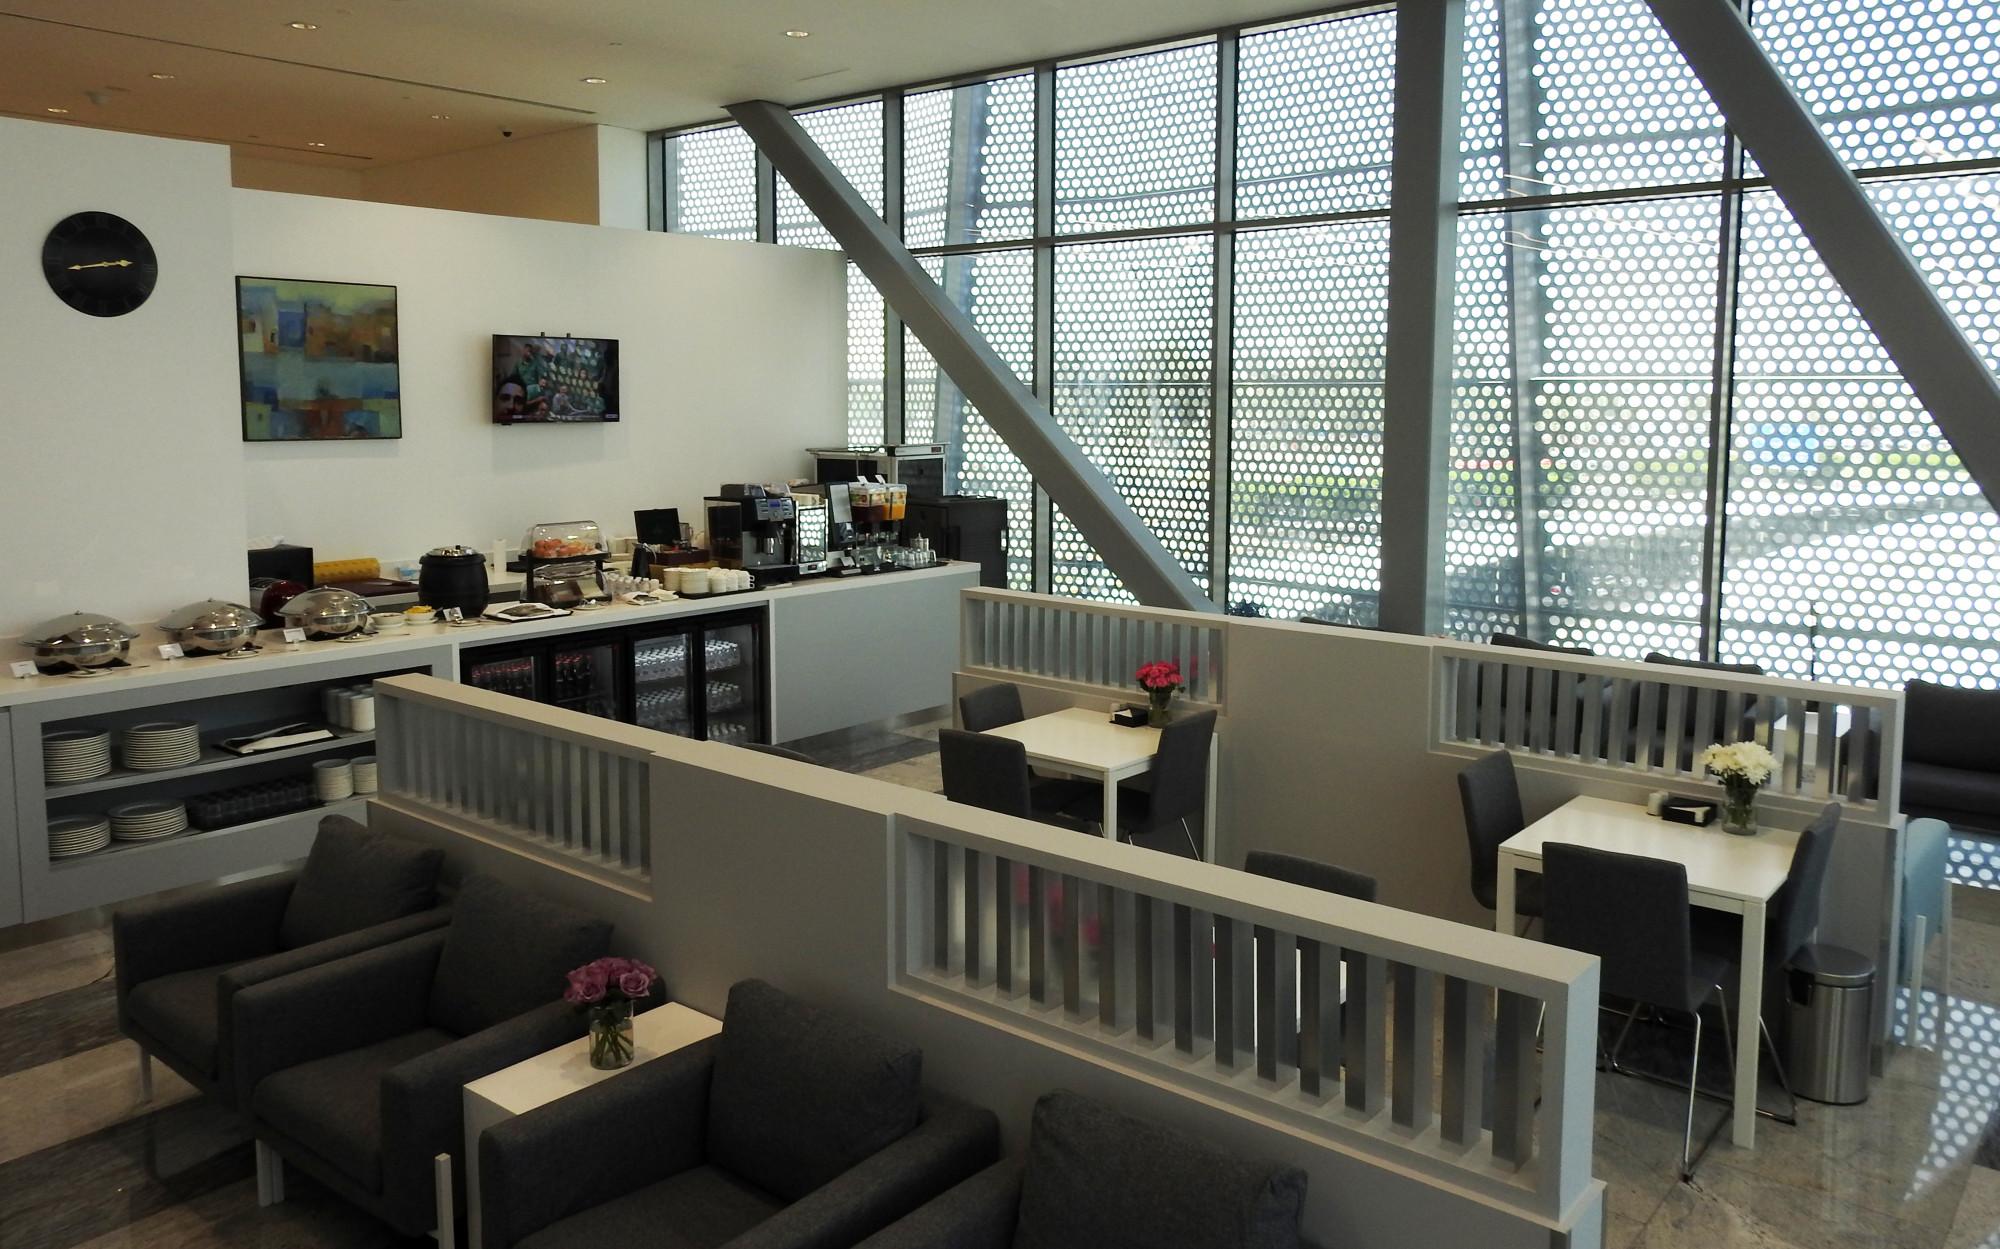 KWI: Kuwait International Airport Lounge Access (Kuwait